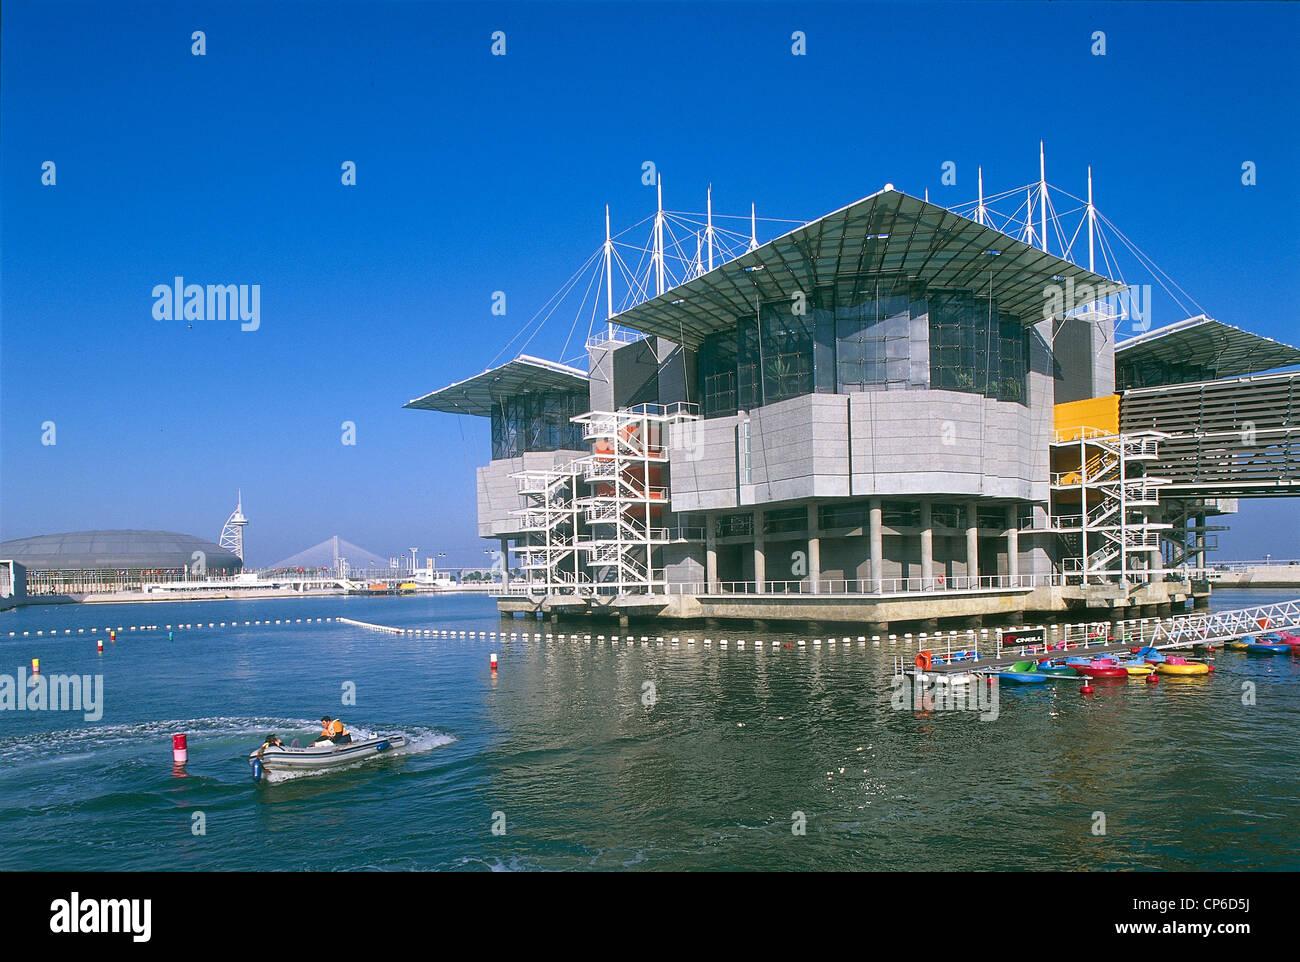 Portugal - Lisbon - Parque das Nac?es, Expo '98. Oceanarium (aquarium dedicated to the ocean) (architect Peter - Stock Image